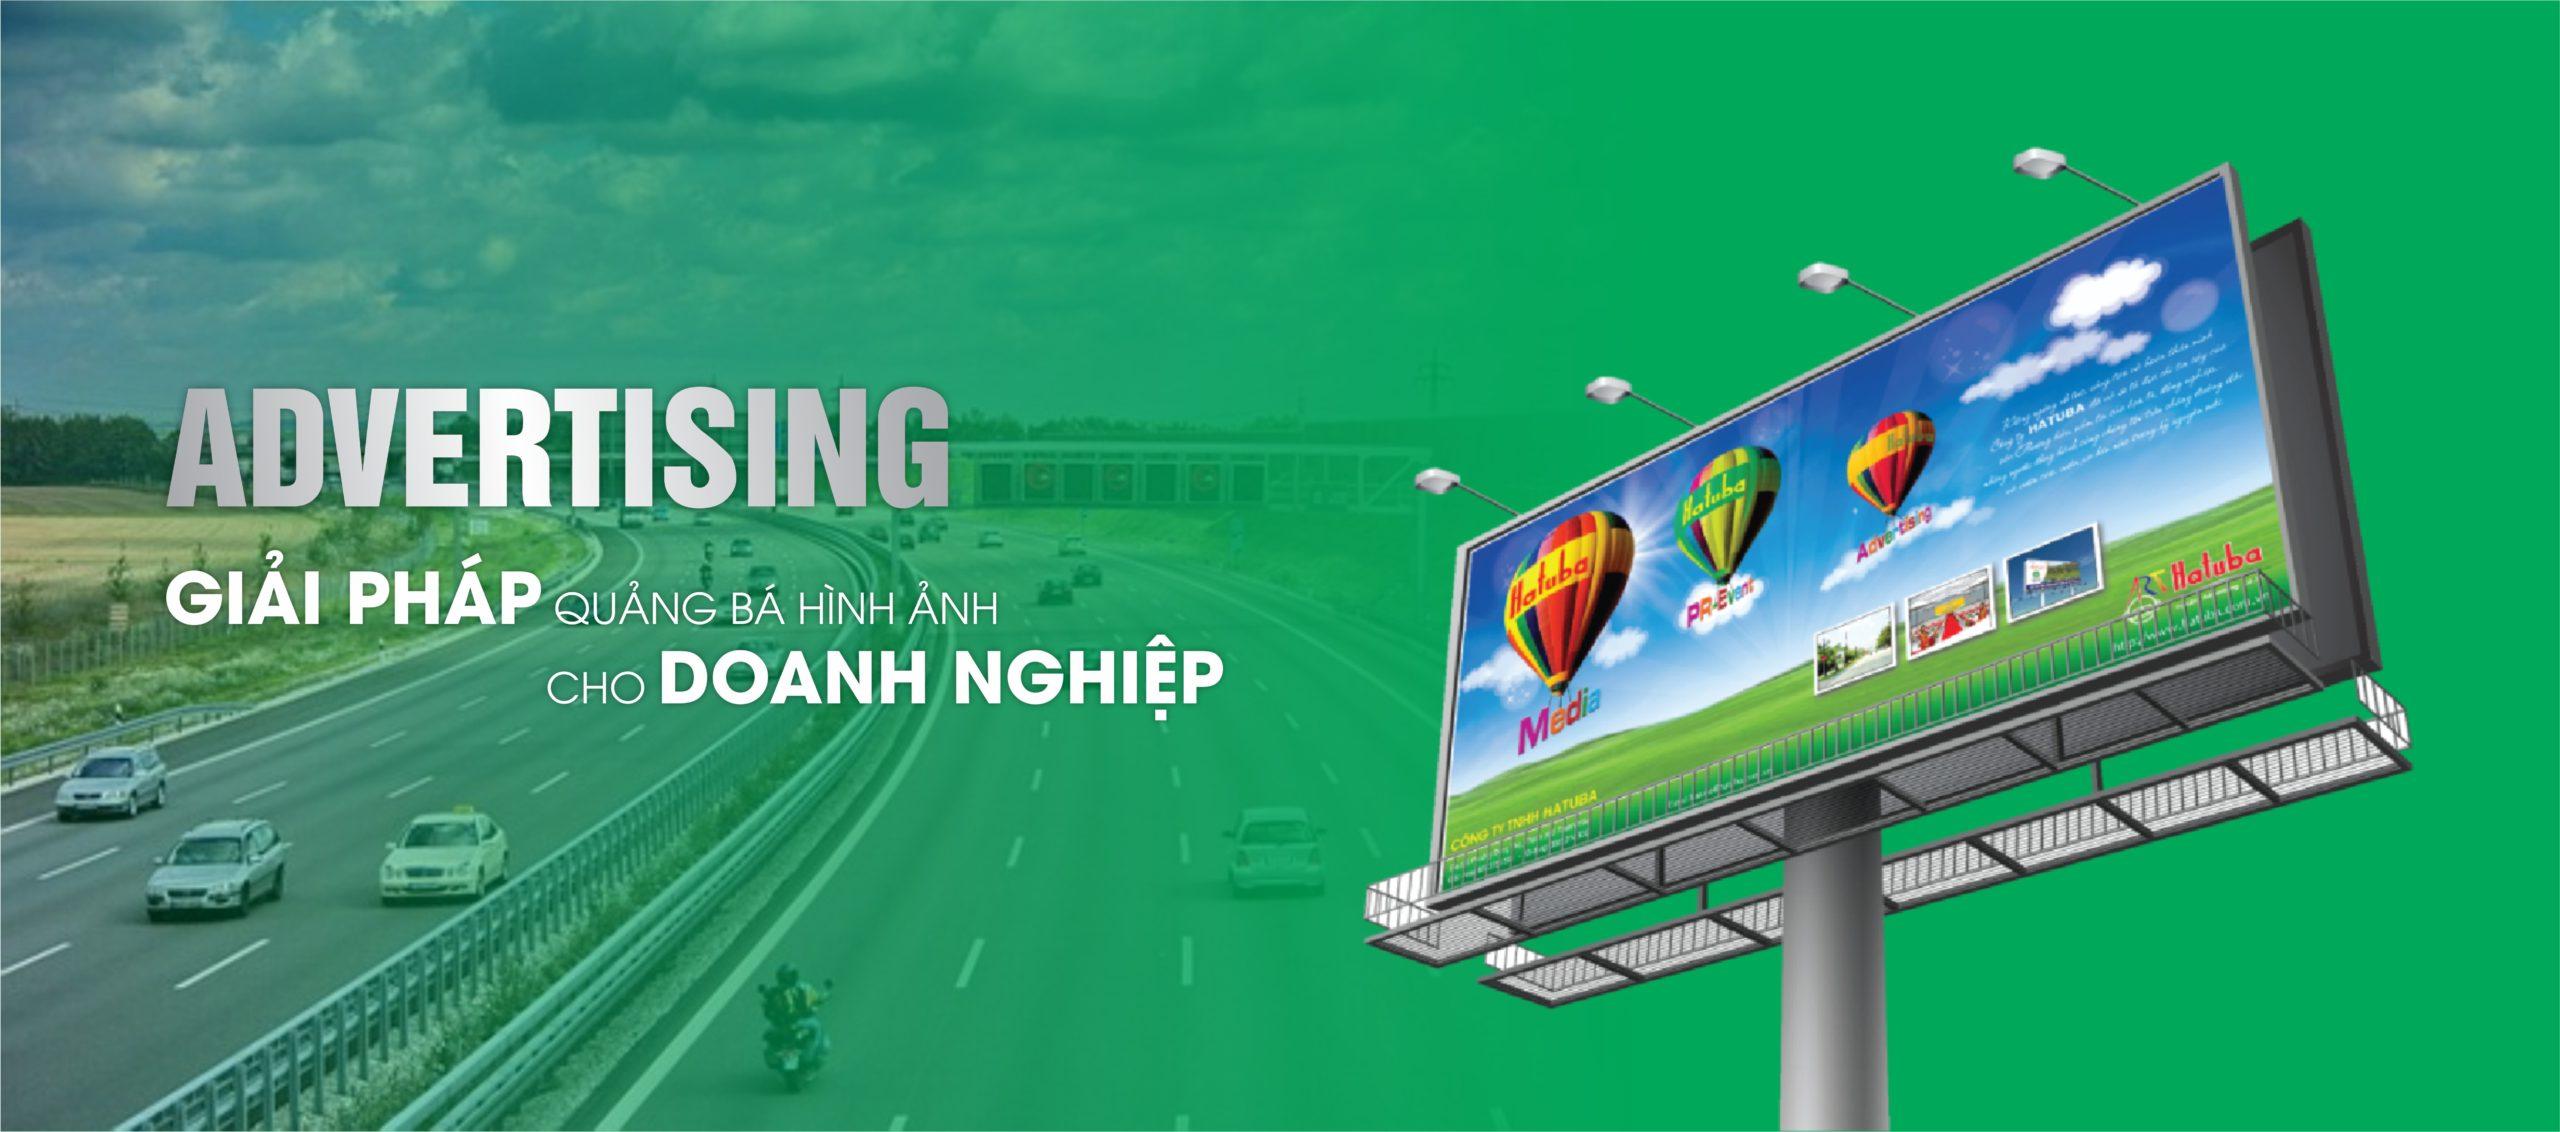 Dịch vụ quảng cáo billboard/pano ngoài trời tại Công ty TNHH Hatuba